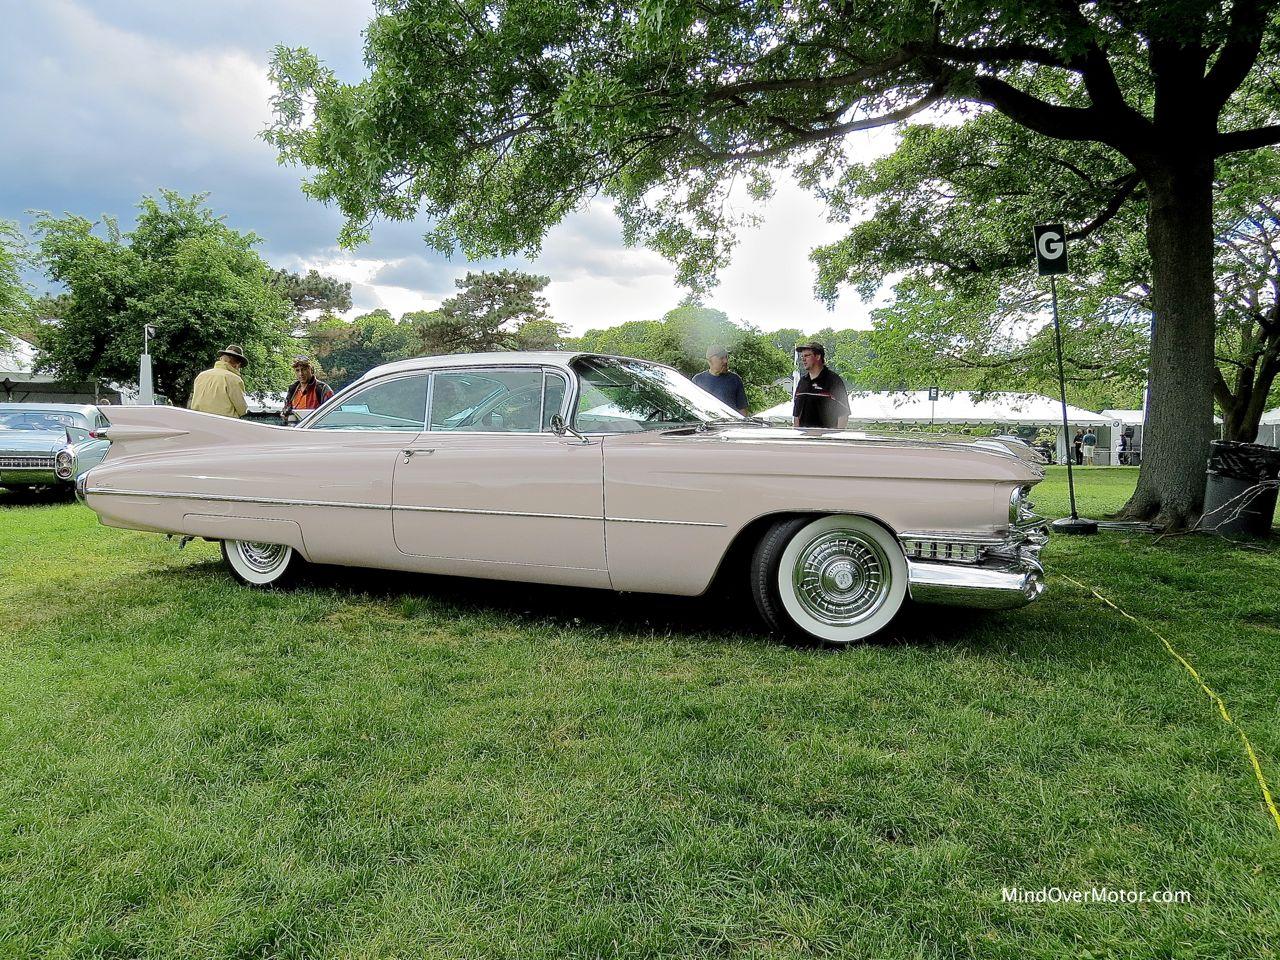 1959 Cadillac Coupe DeVille Profile